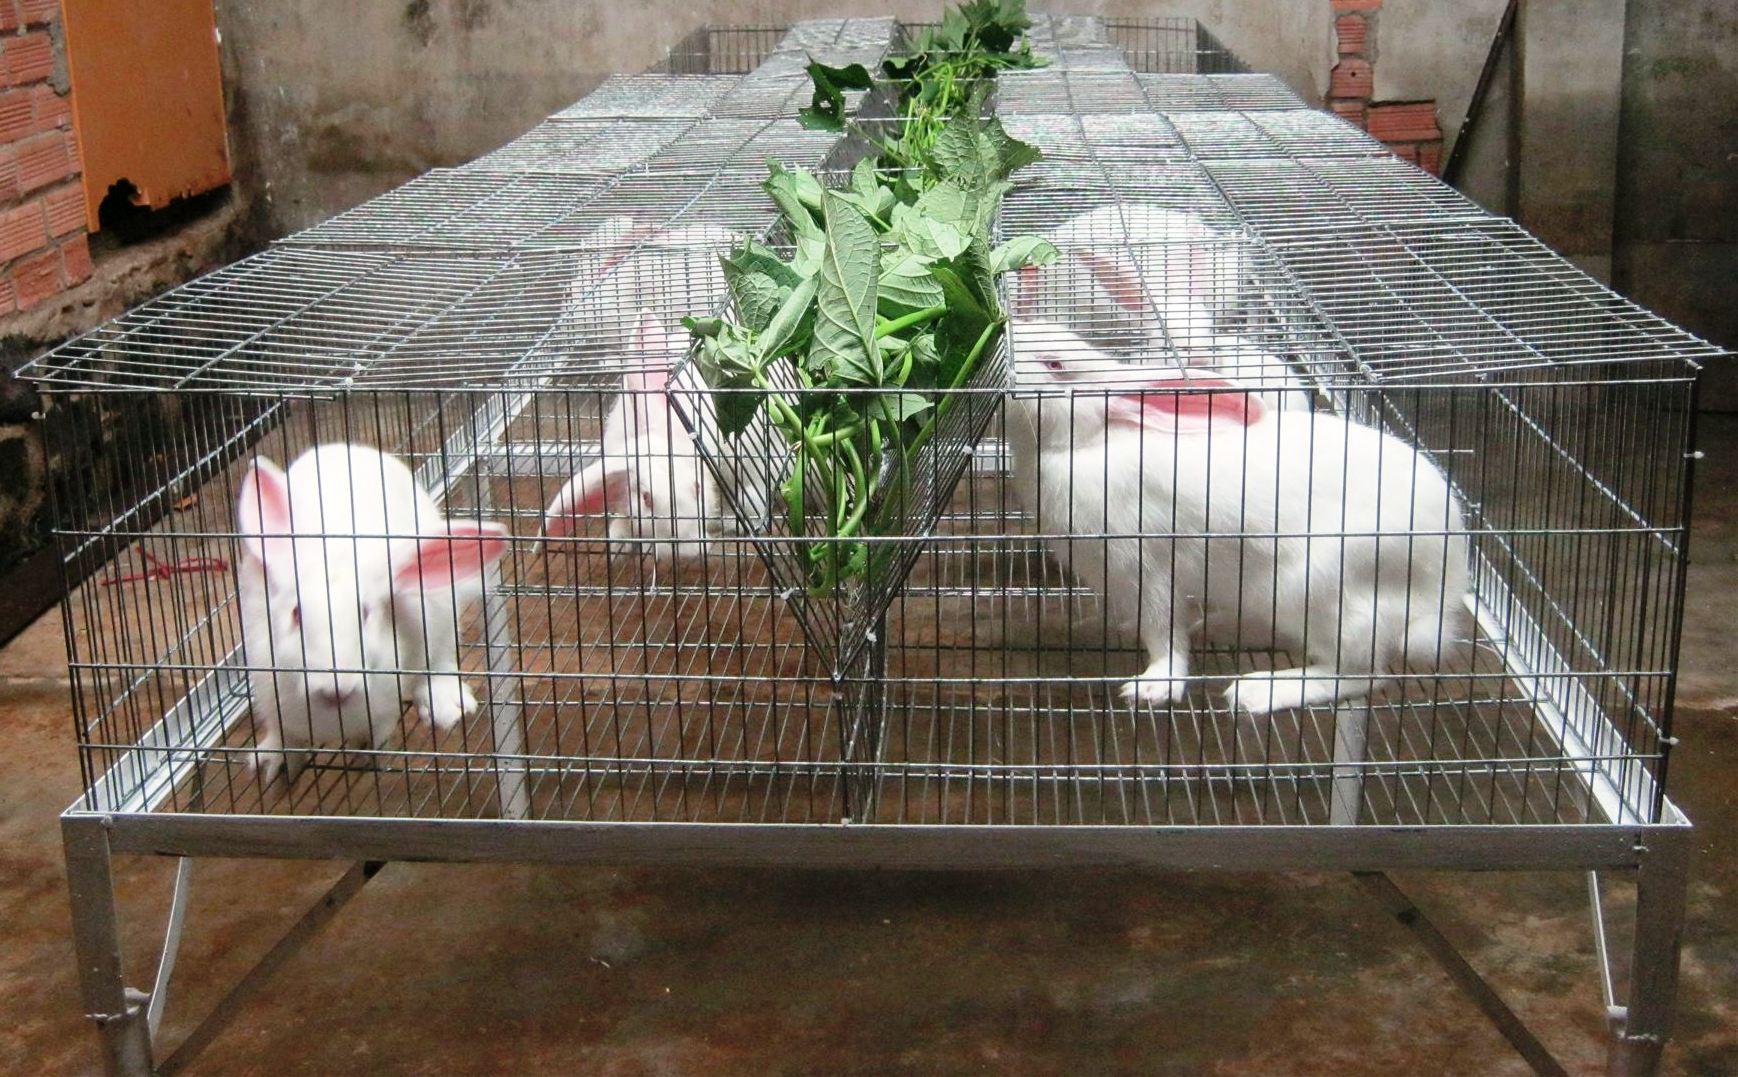 Kỹ thuật nuôi thỏ thịt tại nhà cải thiện kinh tế gia đình